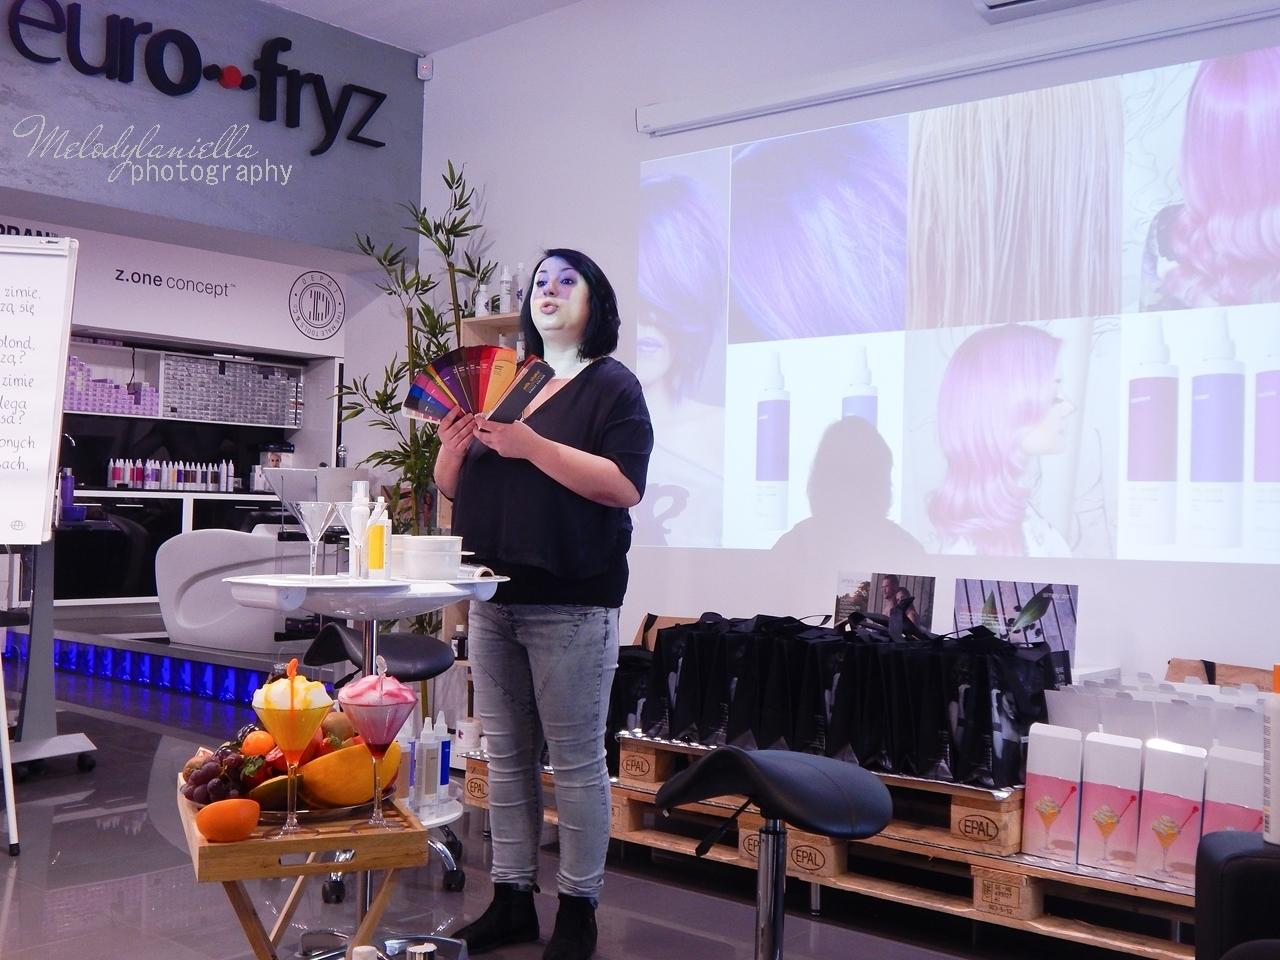 9  relacja spotkanie blogerek akademia z.one concept łódź szkolenia dla fryzjerów akademia fryzjerska koloryzacja melodylaniella jak dbać o włosy pielęgnacja koloryzacja włosów